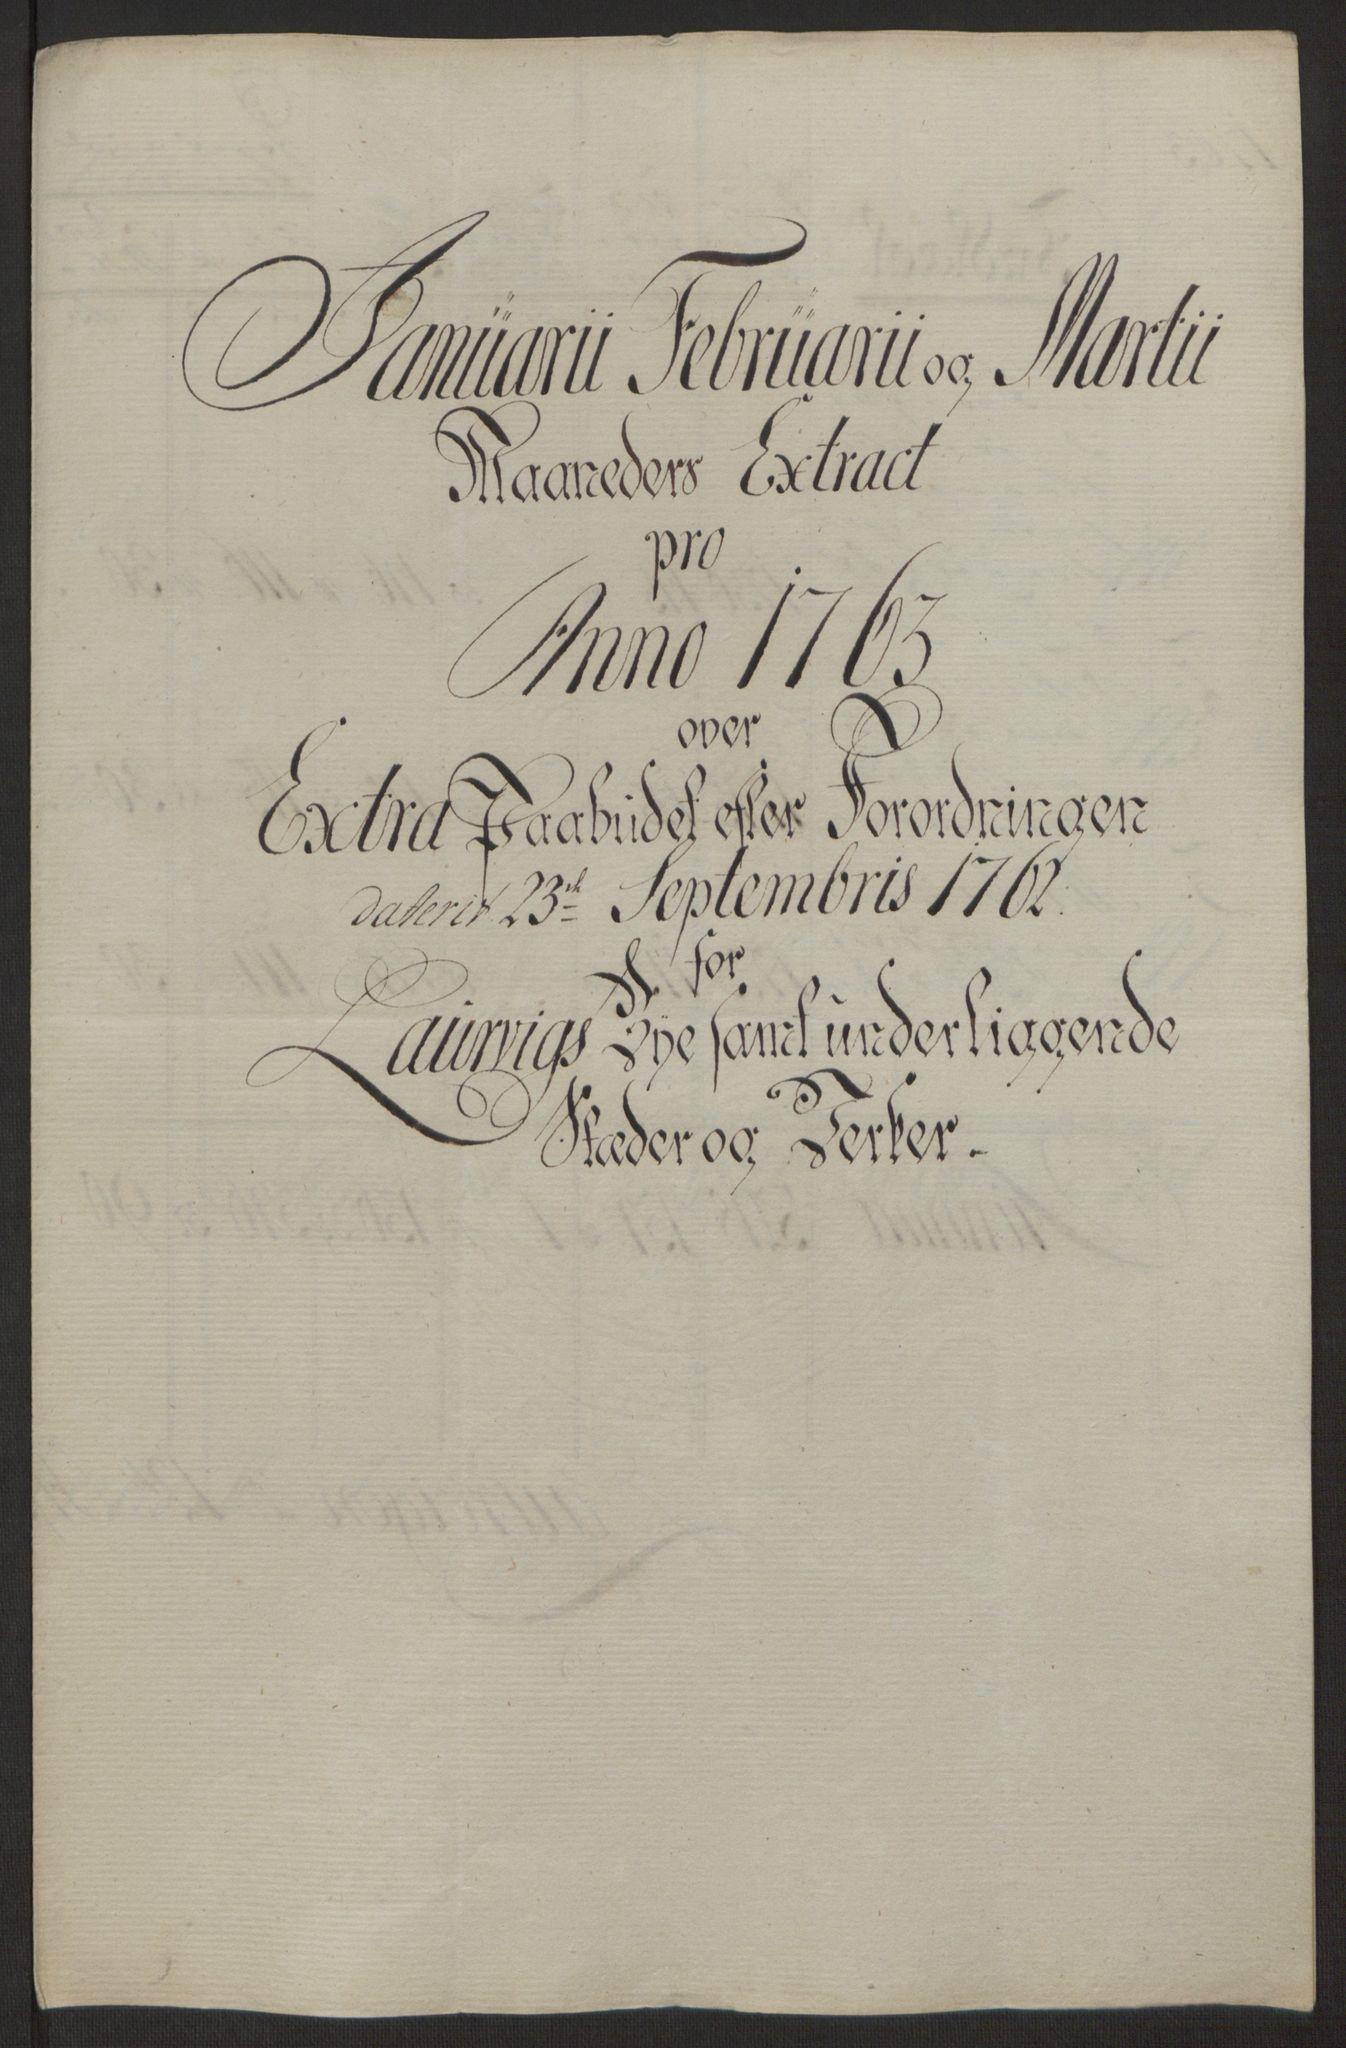 RA, Rentekammeret inntil 1814, Reviderte regnskaper, Byregnskaper, R/Ri/L0183: [I4] Kontribusjonsregnskap, 1762-1768, s. 133